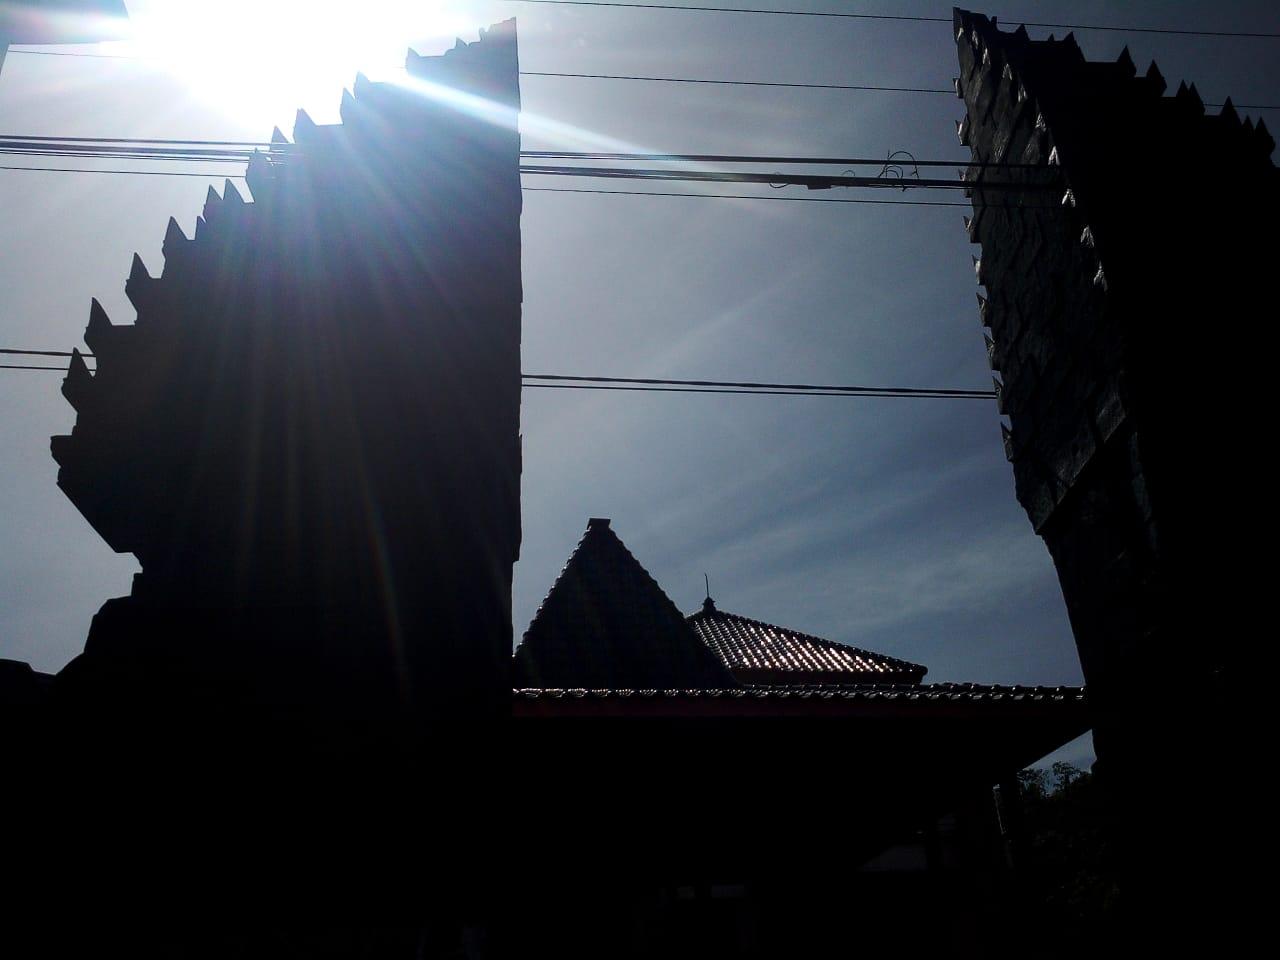 Gapura Desa Di Desa Tulungrejo, Diklaim Terbesar Se-Kabupaten Malang. (foto: Dodik)